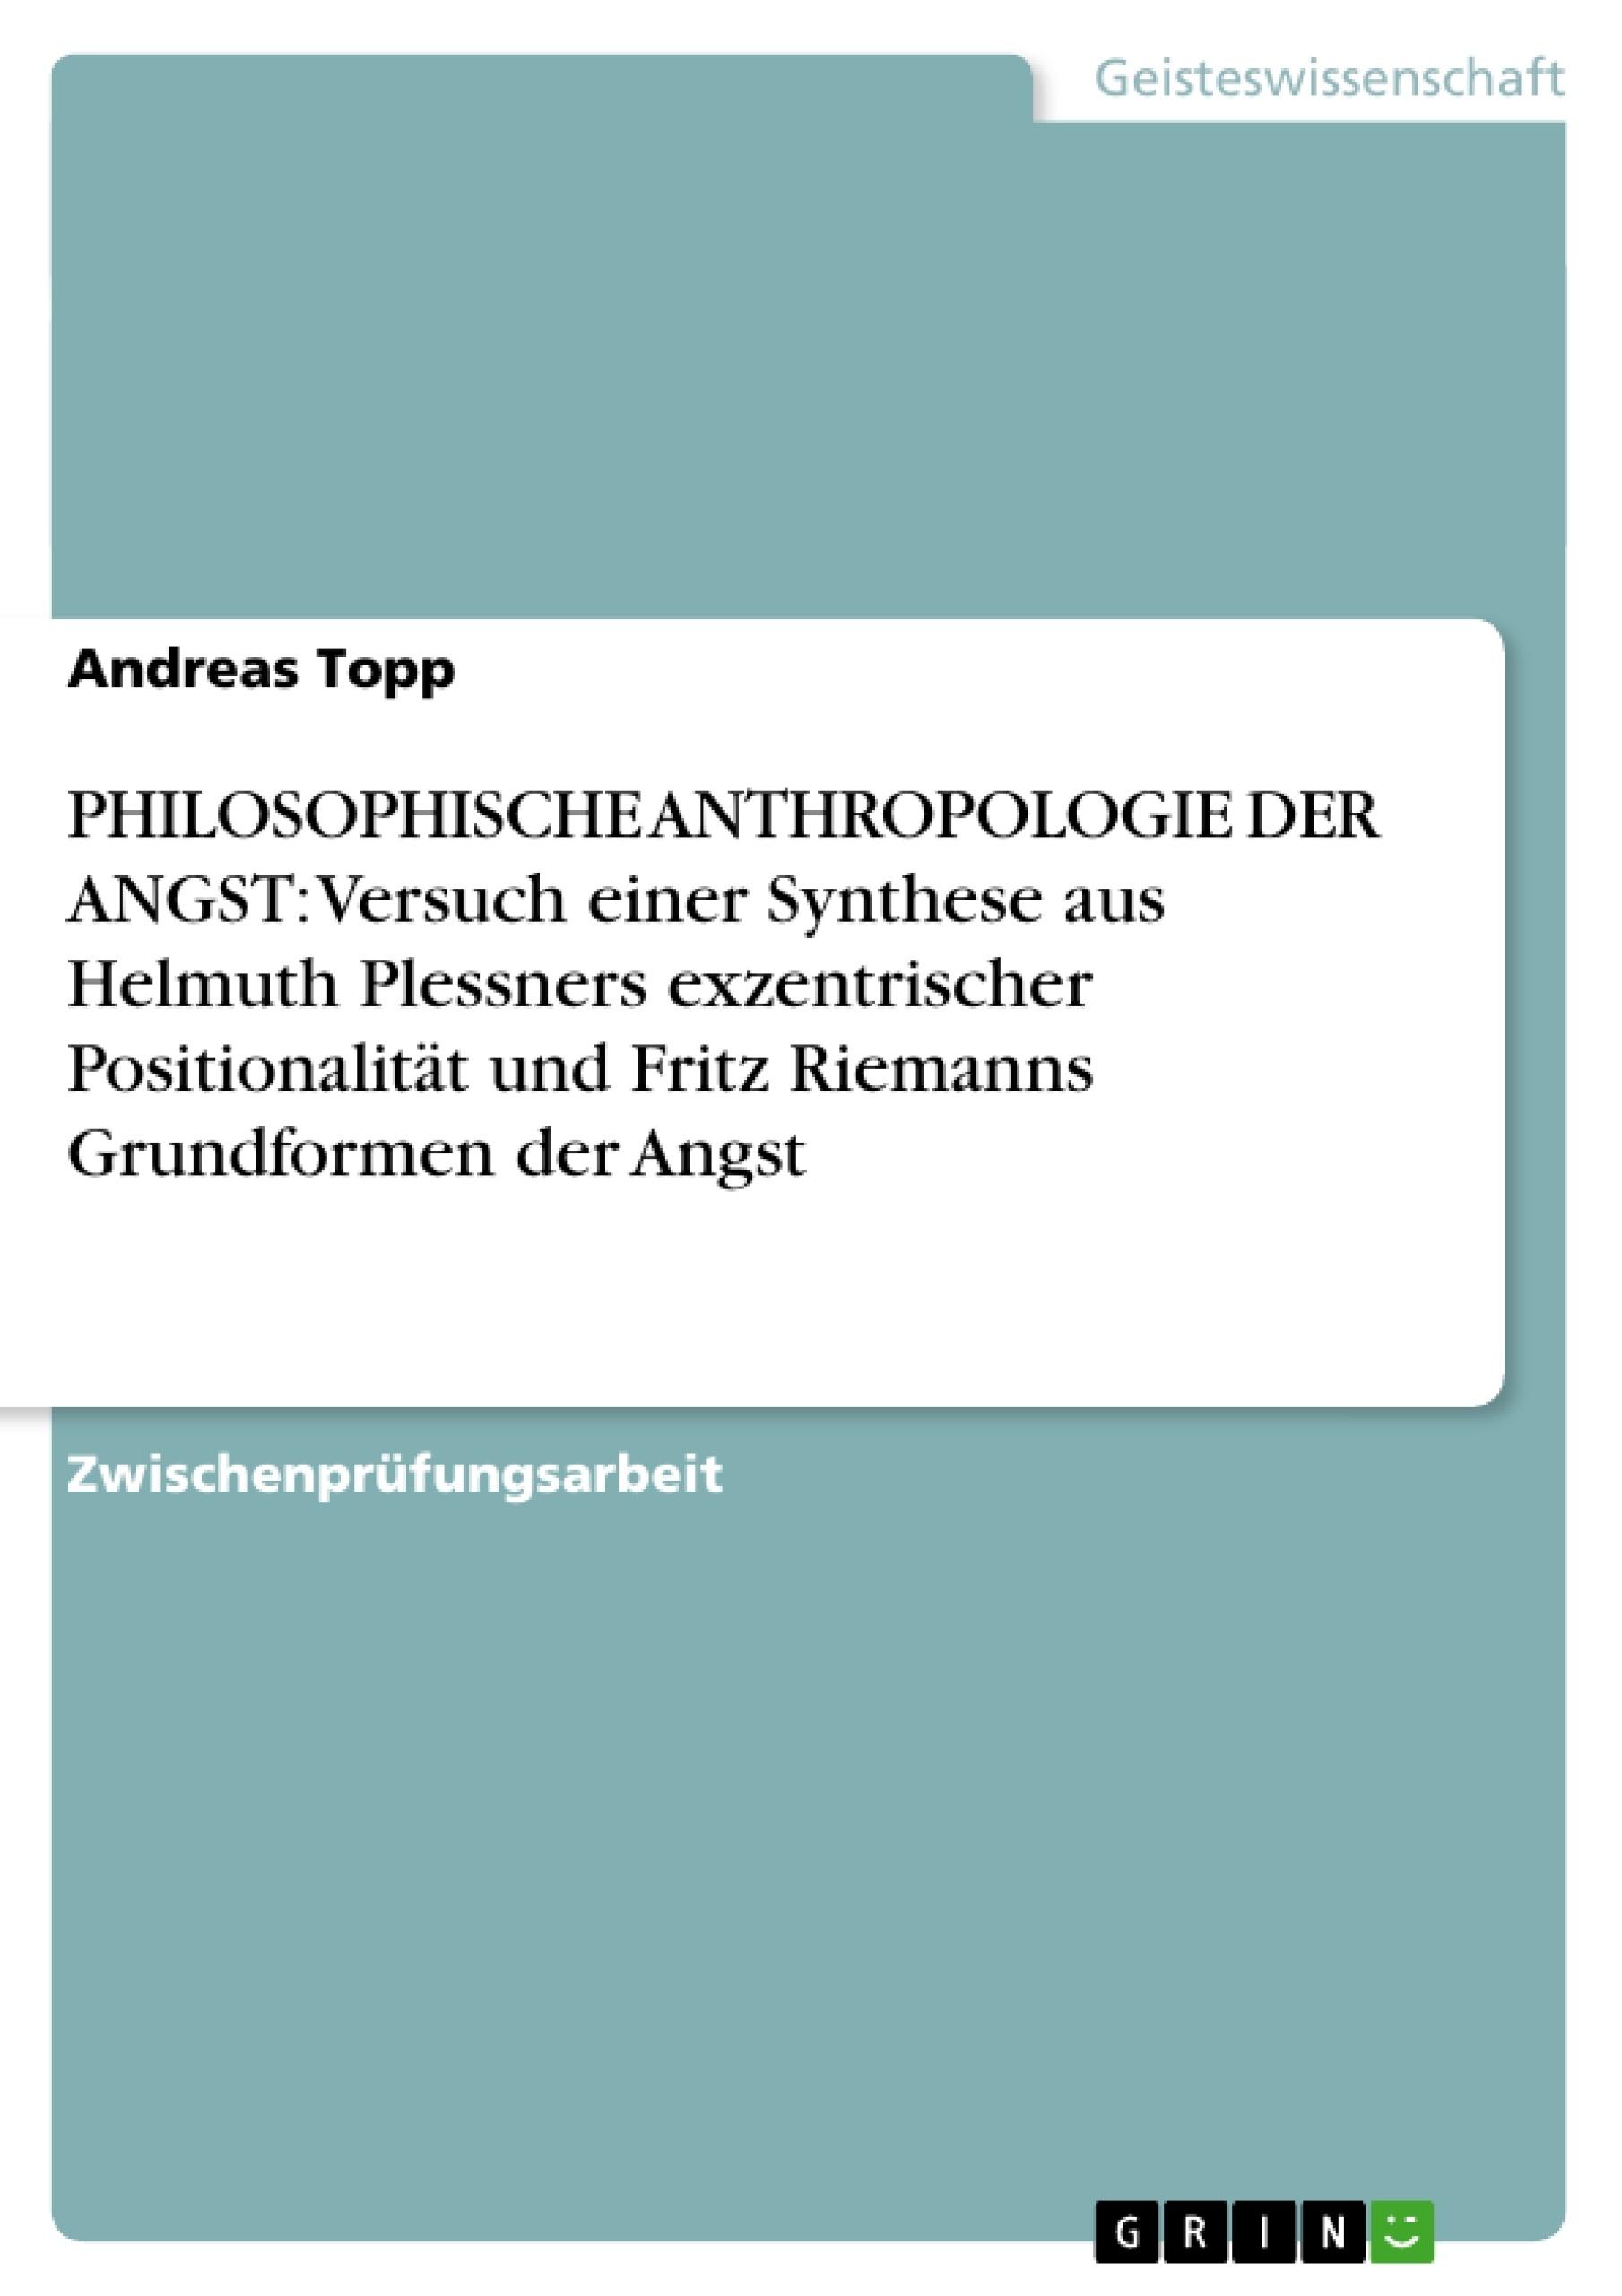 Titel: PHILOSOPHISCHE ANTHROPOLOGIE DER ANGST: Versuch einer Synthese aus Helmuth Plessners exzentrischer Positionalität und Fritz Riemanns Grundformen der Angst